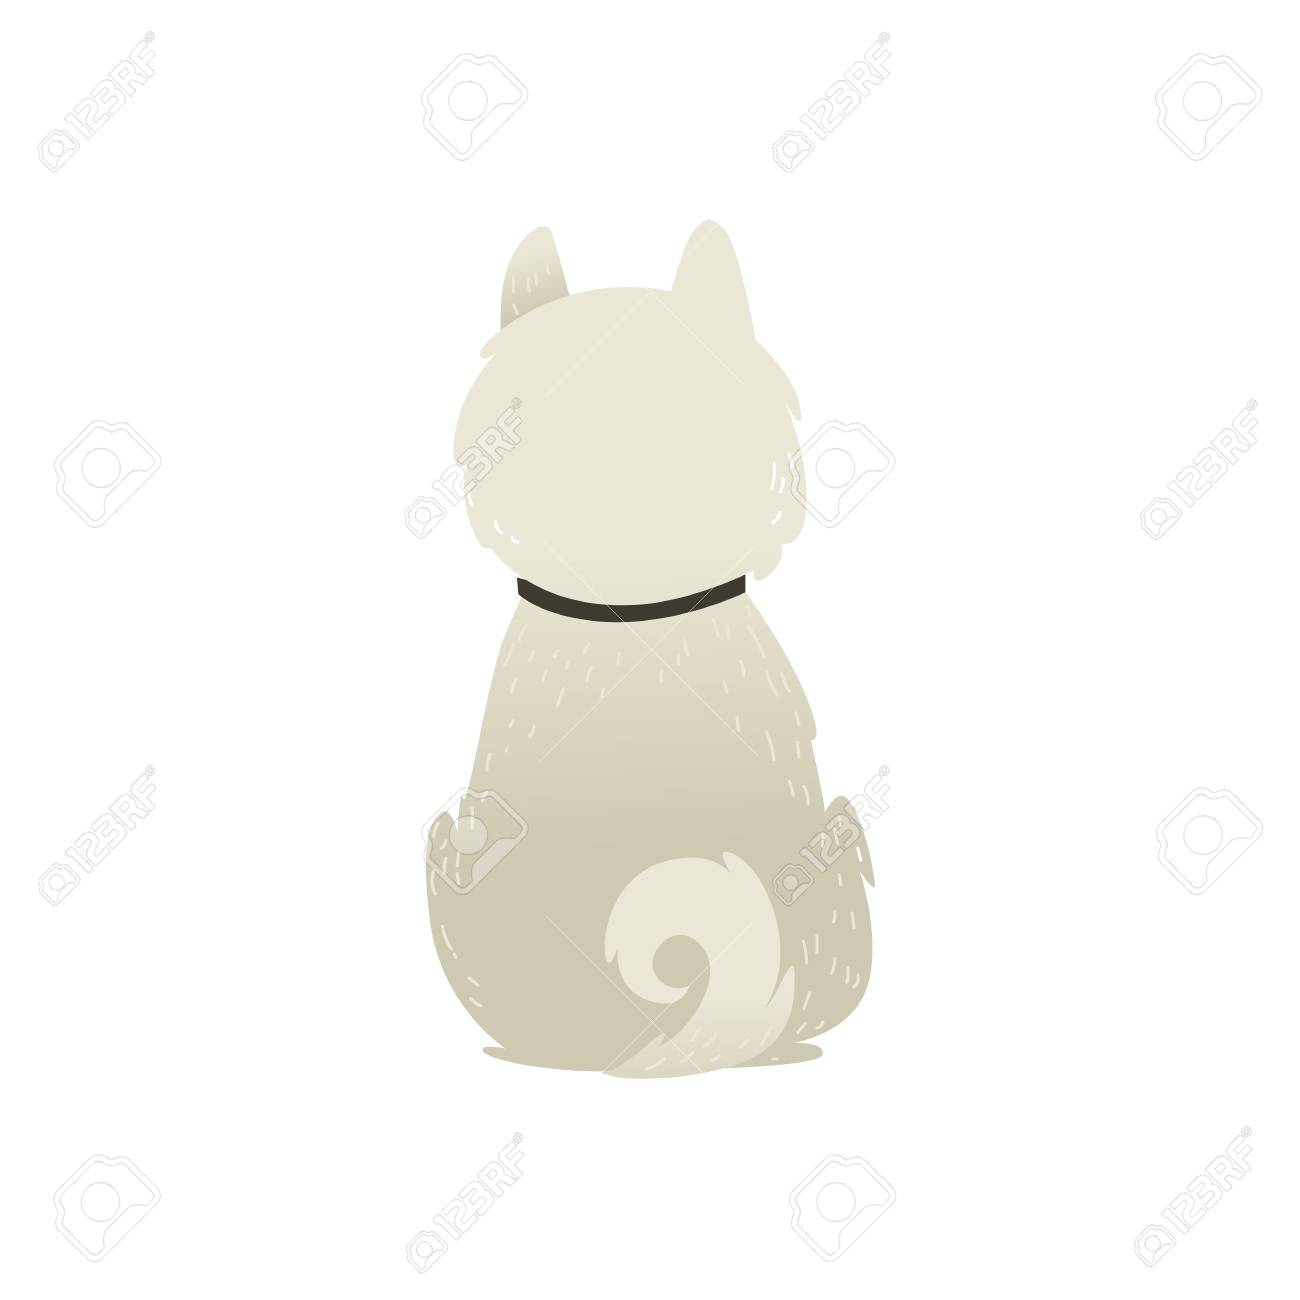 白い背景に一人で座っている犬のバックビュー ベクトルイラスト 襟と渦巻く尾が私たちの裏側に座っているふわふわした白い子犬 のイラスト素材 ベクタ Image